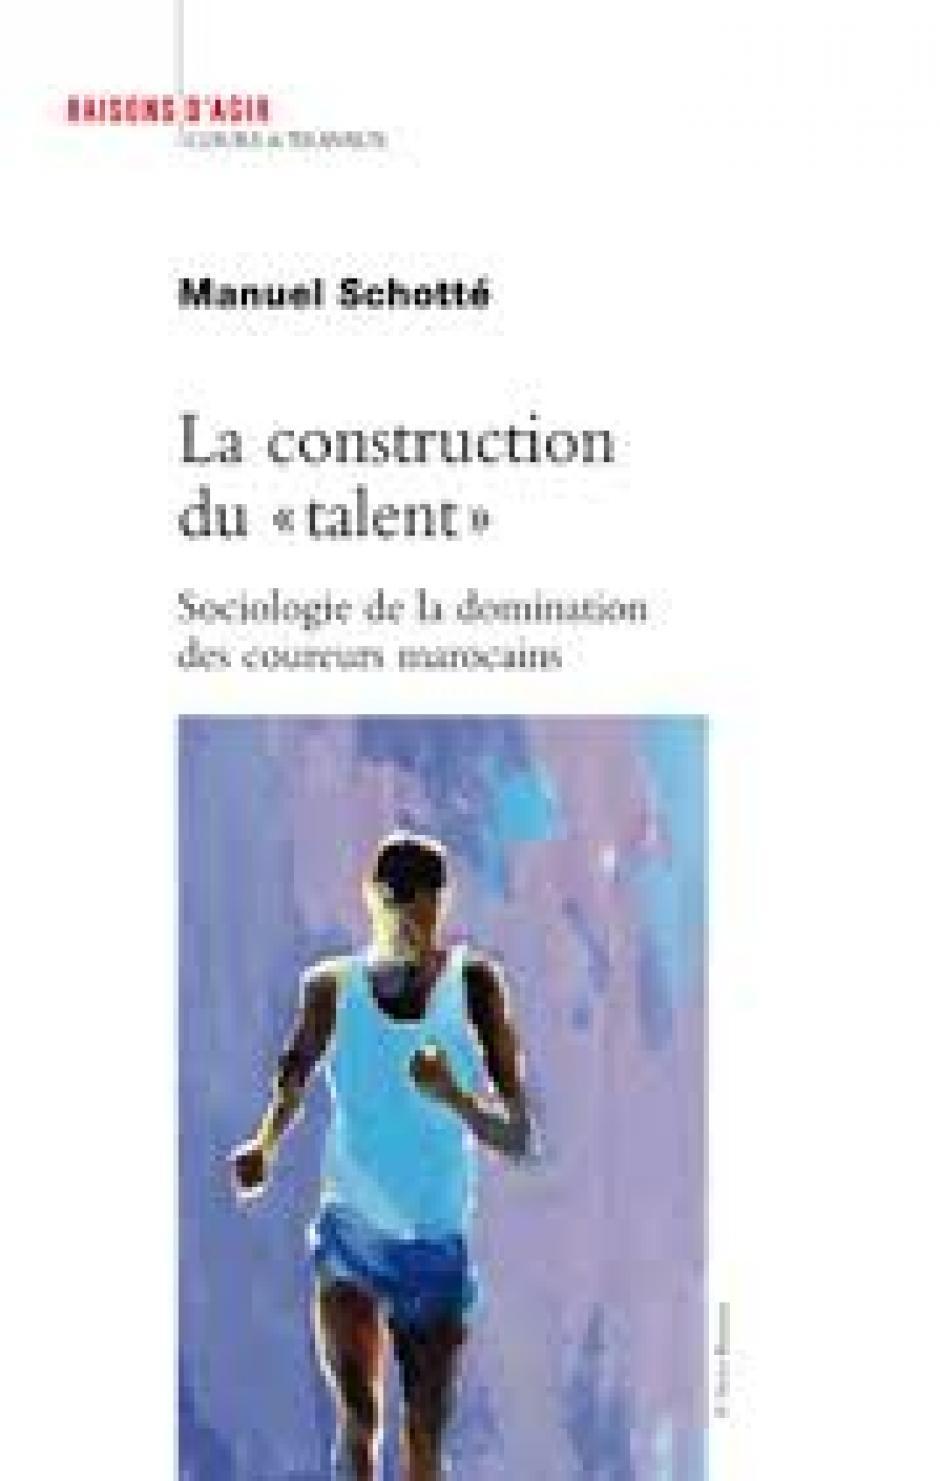 L'incorporation de l'ordre social, Manuel Schotté*